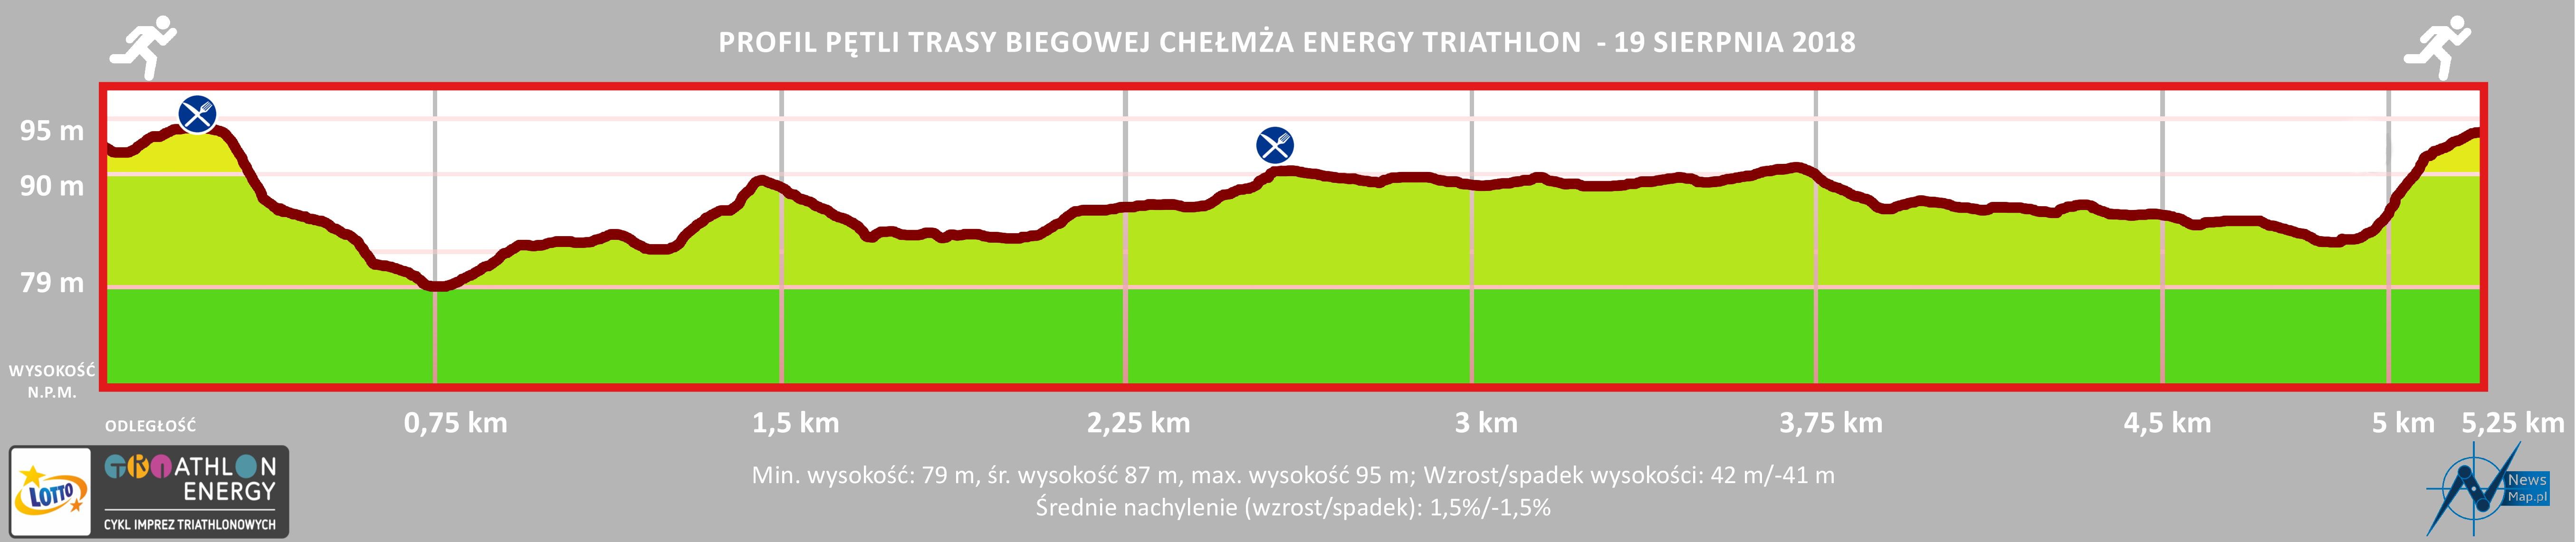 Profil topograficzny biegowy Triathlon Energy Chełmża 2018